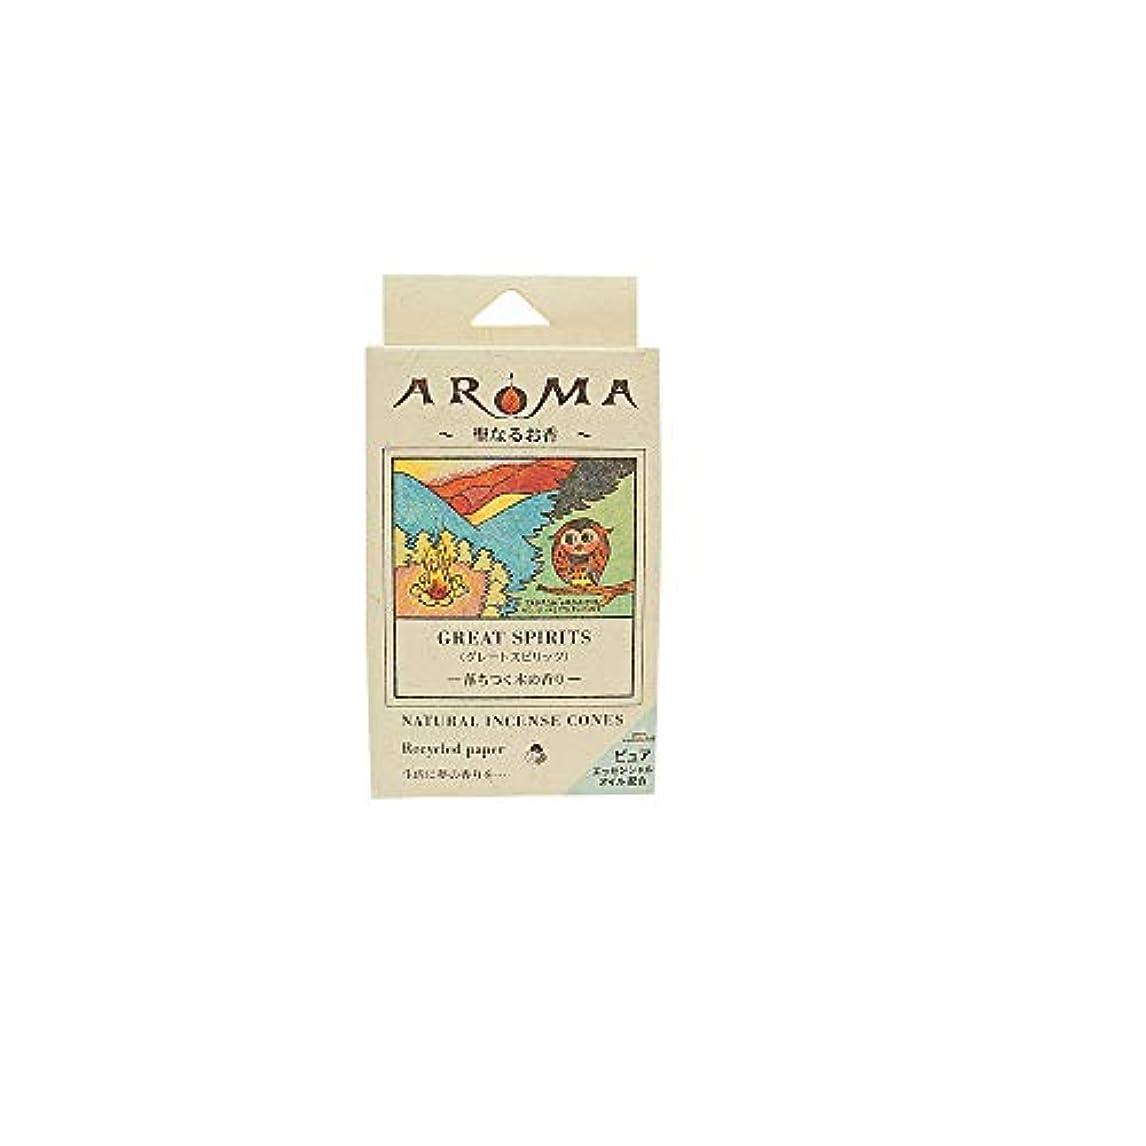 高潔なシリアル側面アロマ香 グレートスピリット 16粒(コーンタイプインセンス 1粒の燃焼時間約20分 落ち着く木の香り)